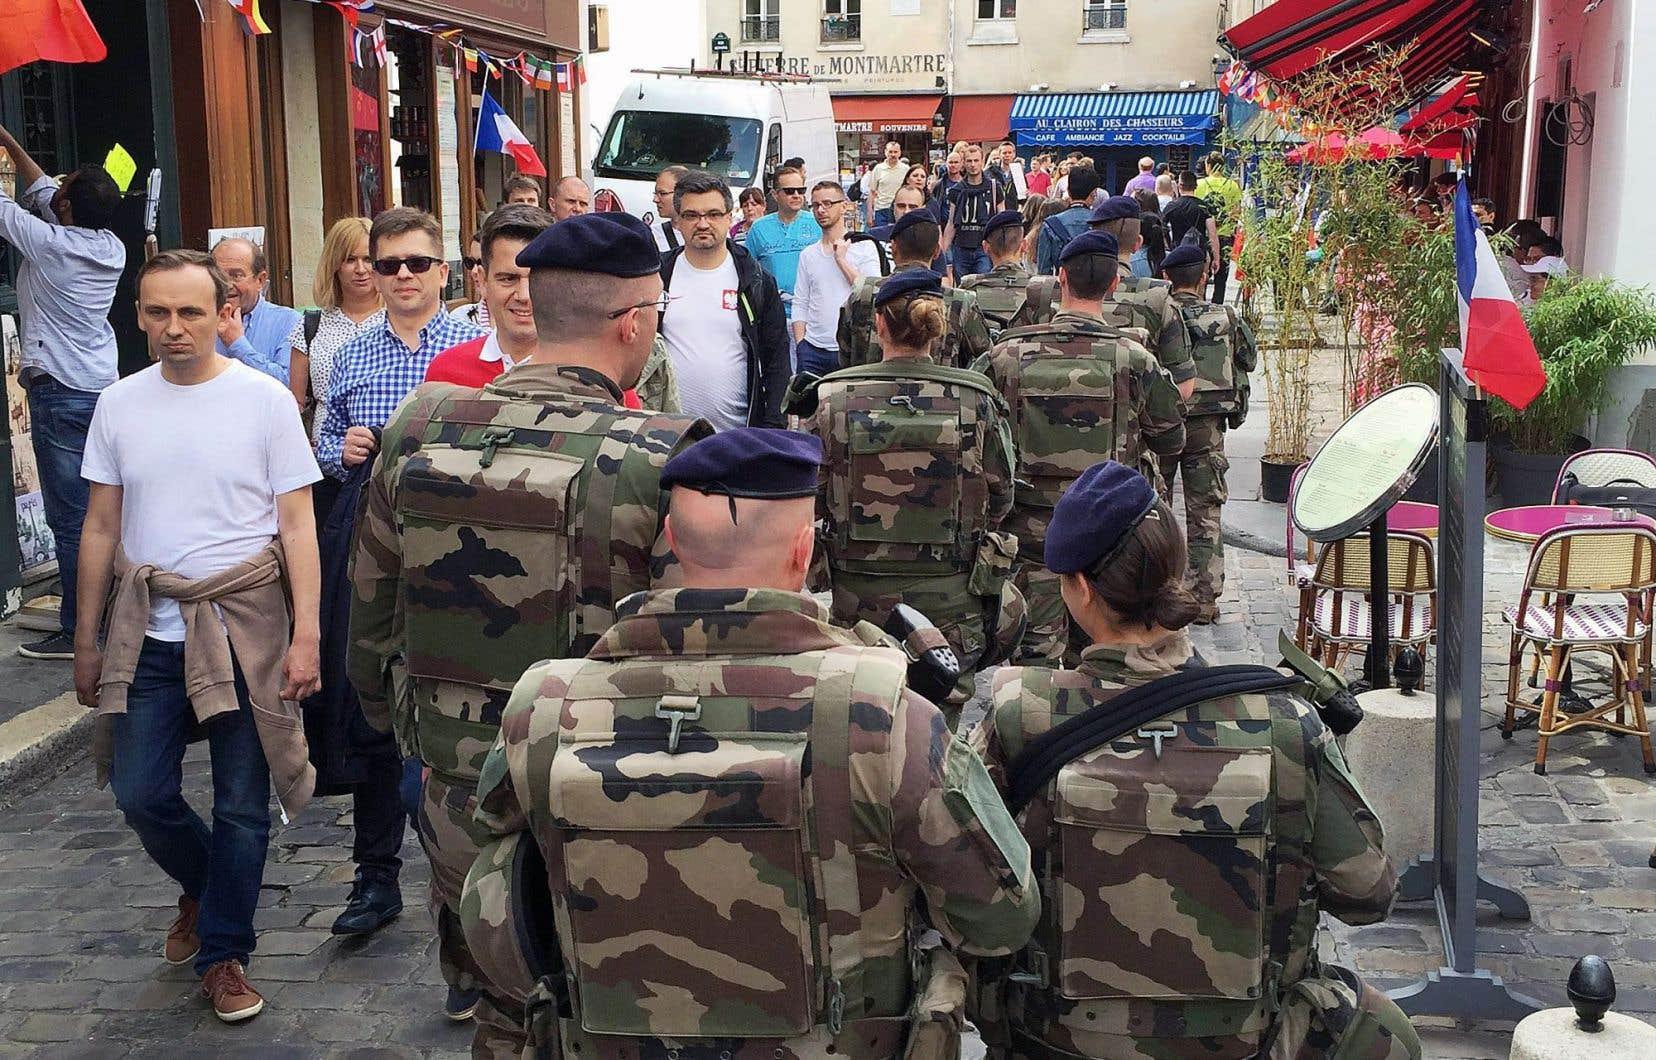 «En réalité, l'implication des militaires à l'intérieur de nos frontières, qui peut paraître sympathique et rassurante, peut aussi potentiellement s'avérer dangereuse», a soutenu le journaliste de France Inter Thomas Legrand.